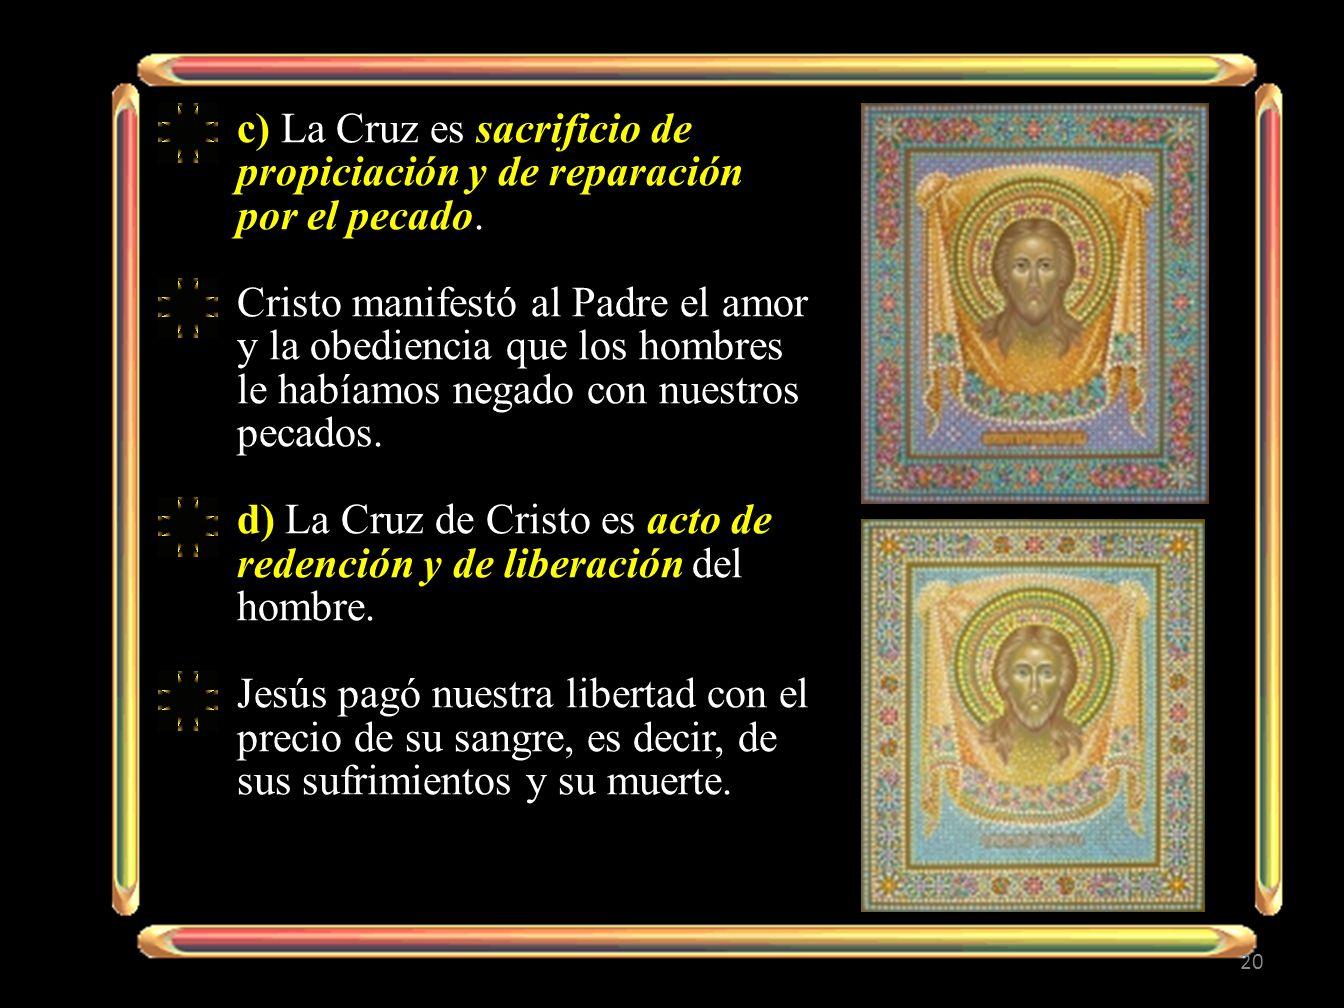 c) La Cruz es sacrificio de propiciación y de reparación por el pecado.